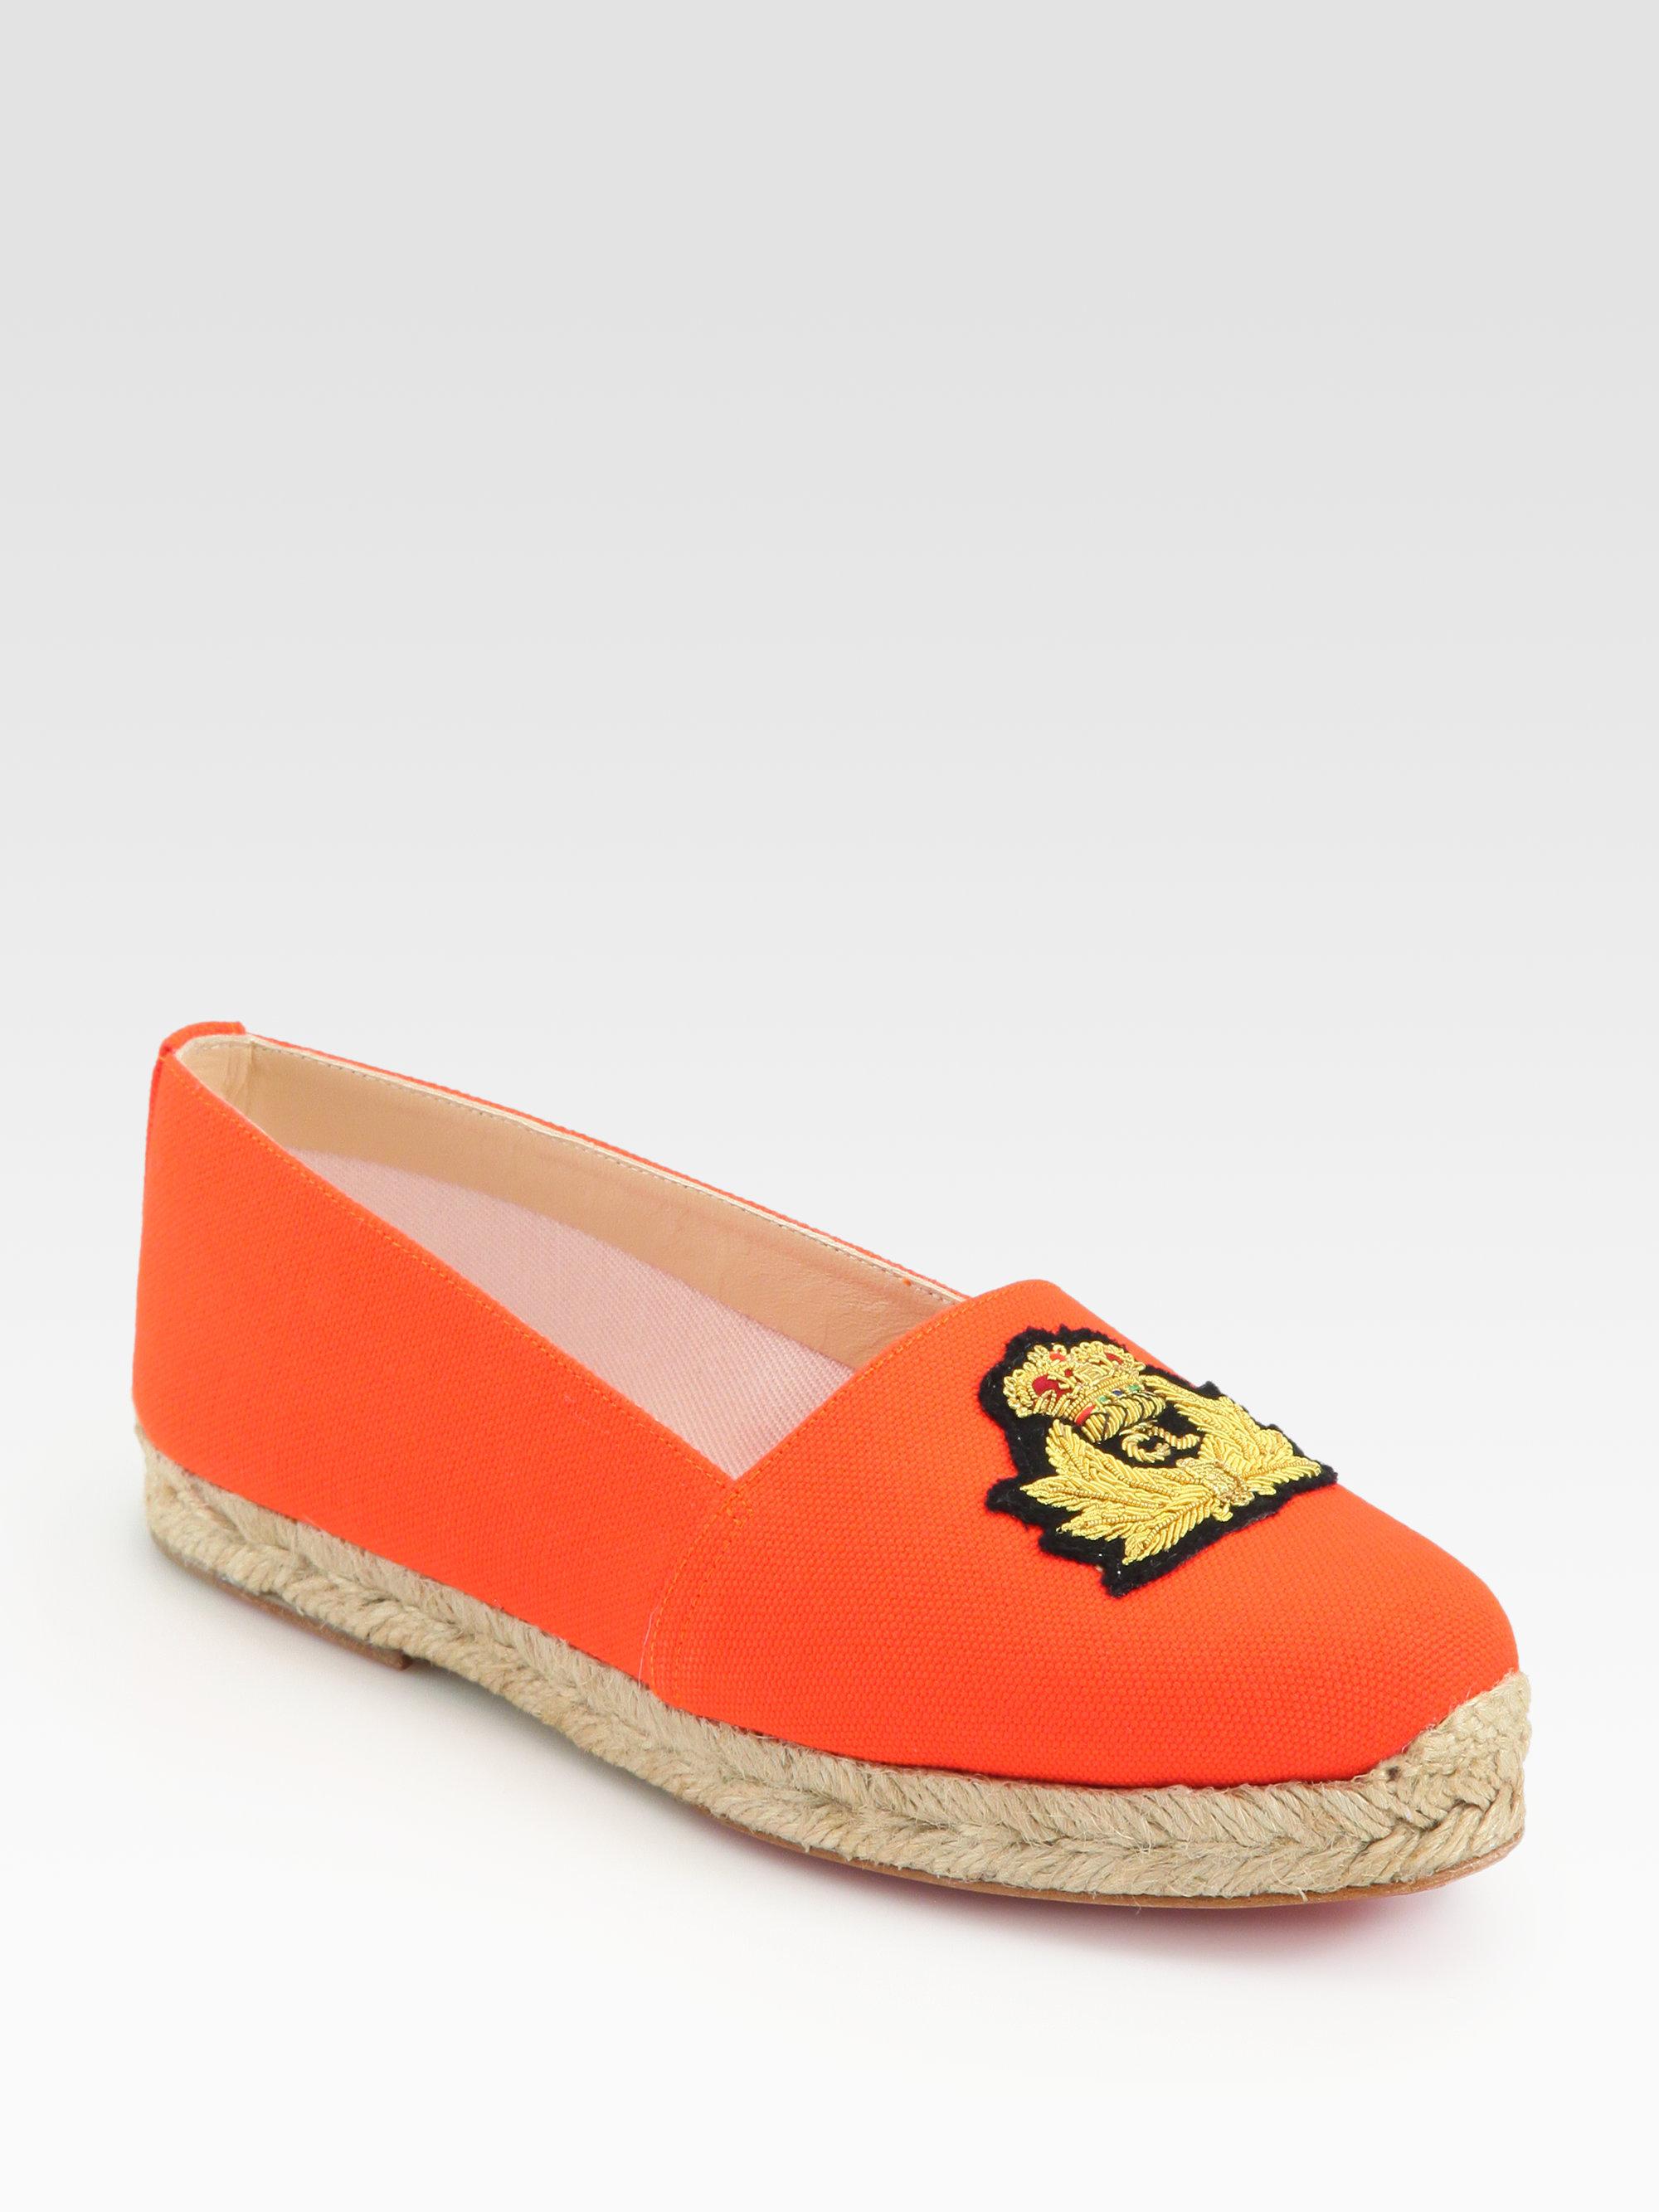 lyst christian louboutin galia canvas espadrilles in orange rh lyst com